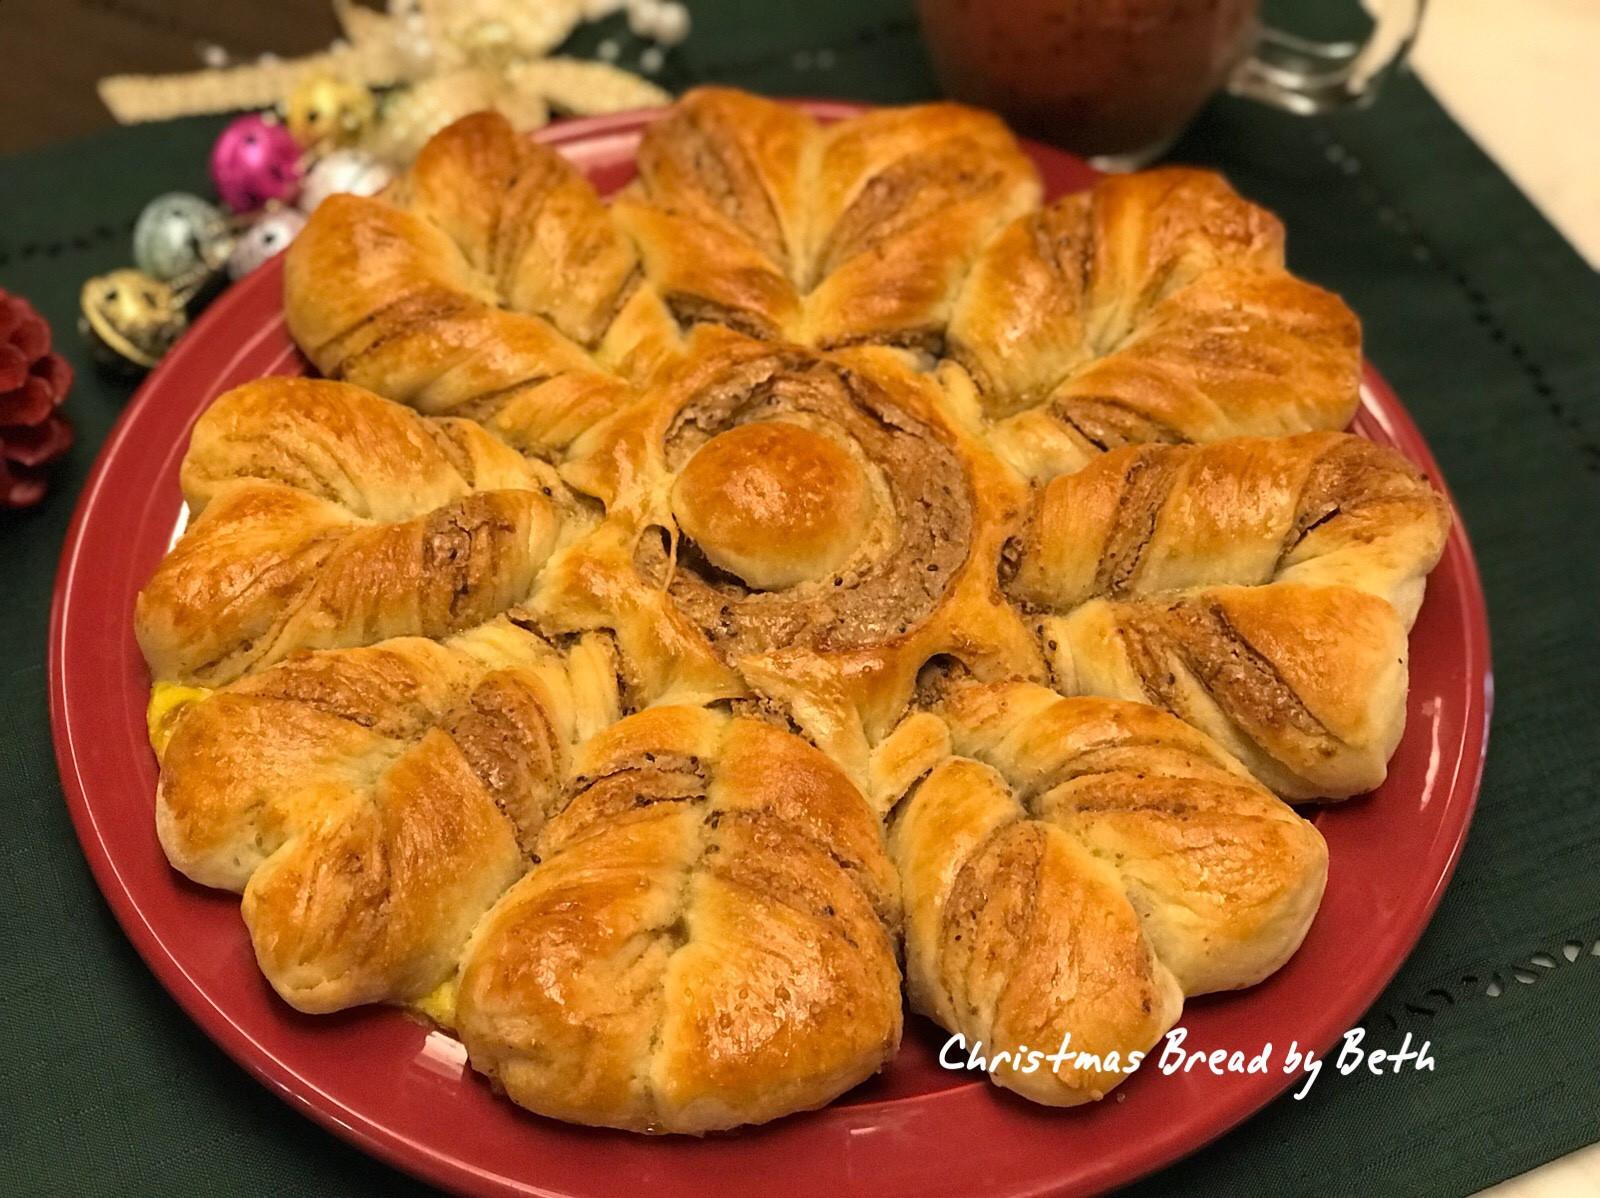 聖誕花圈麵包 - 堅果醬口味